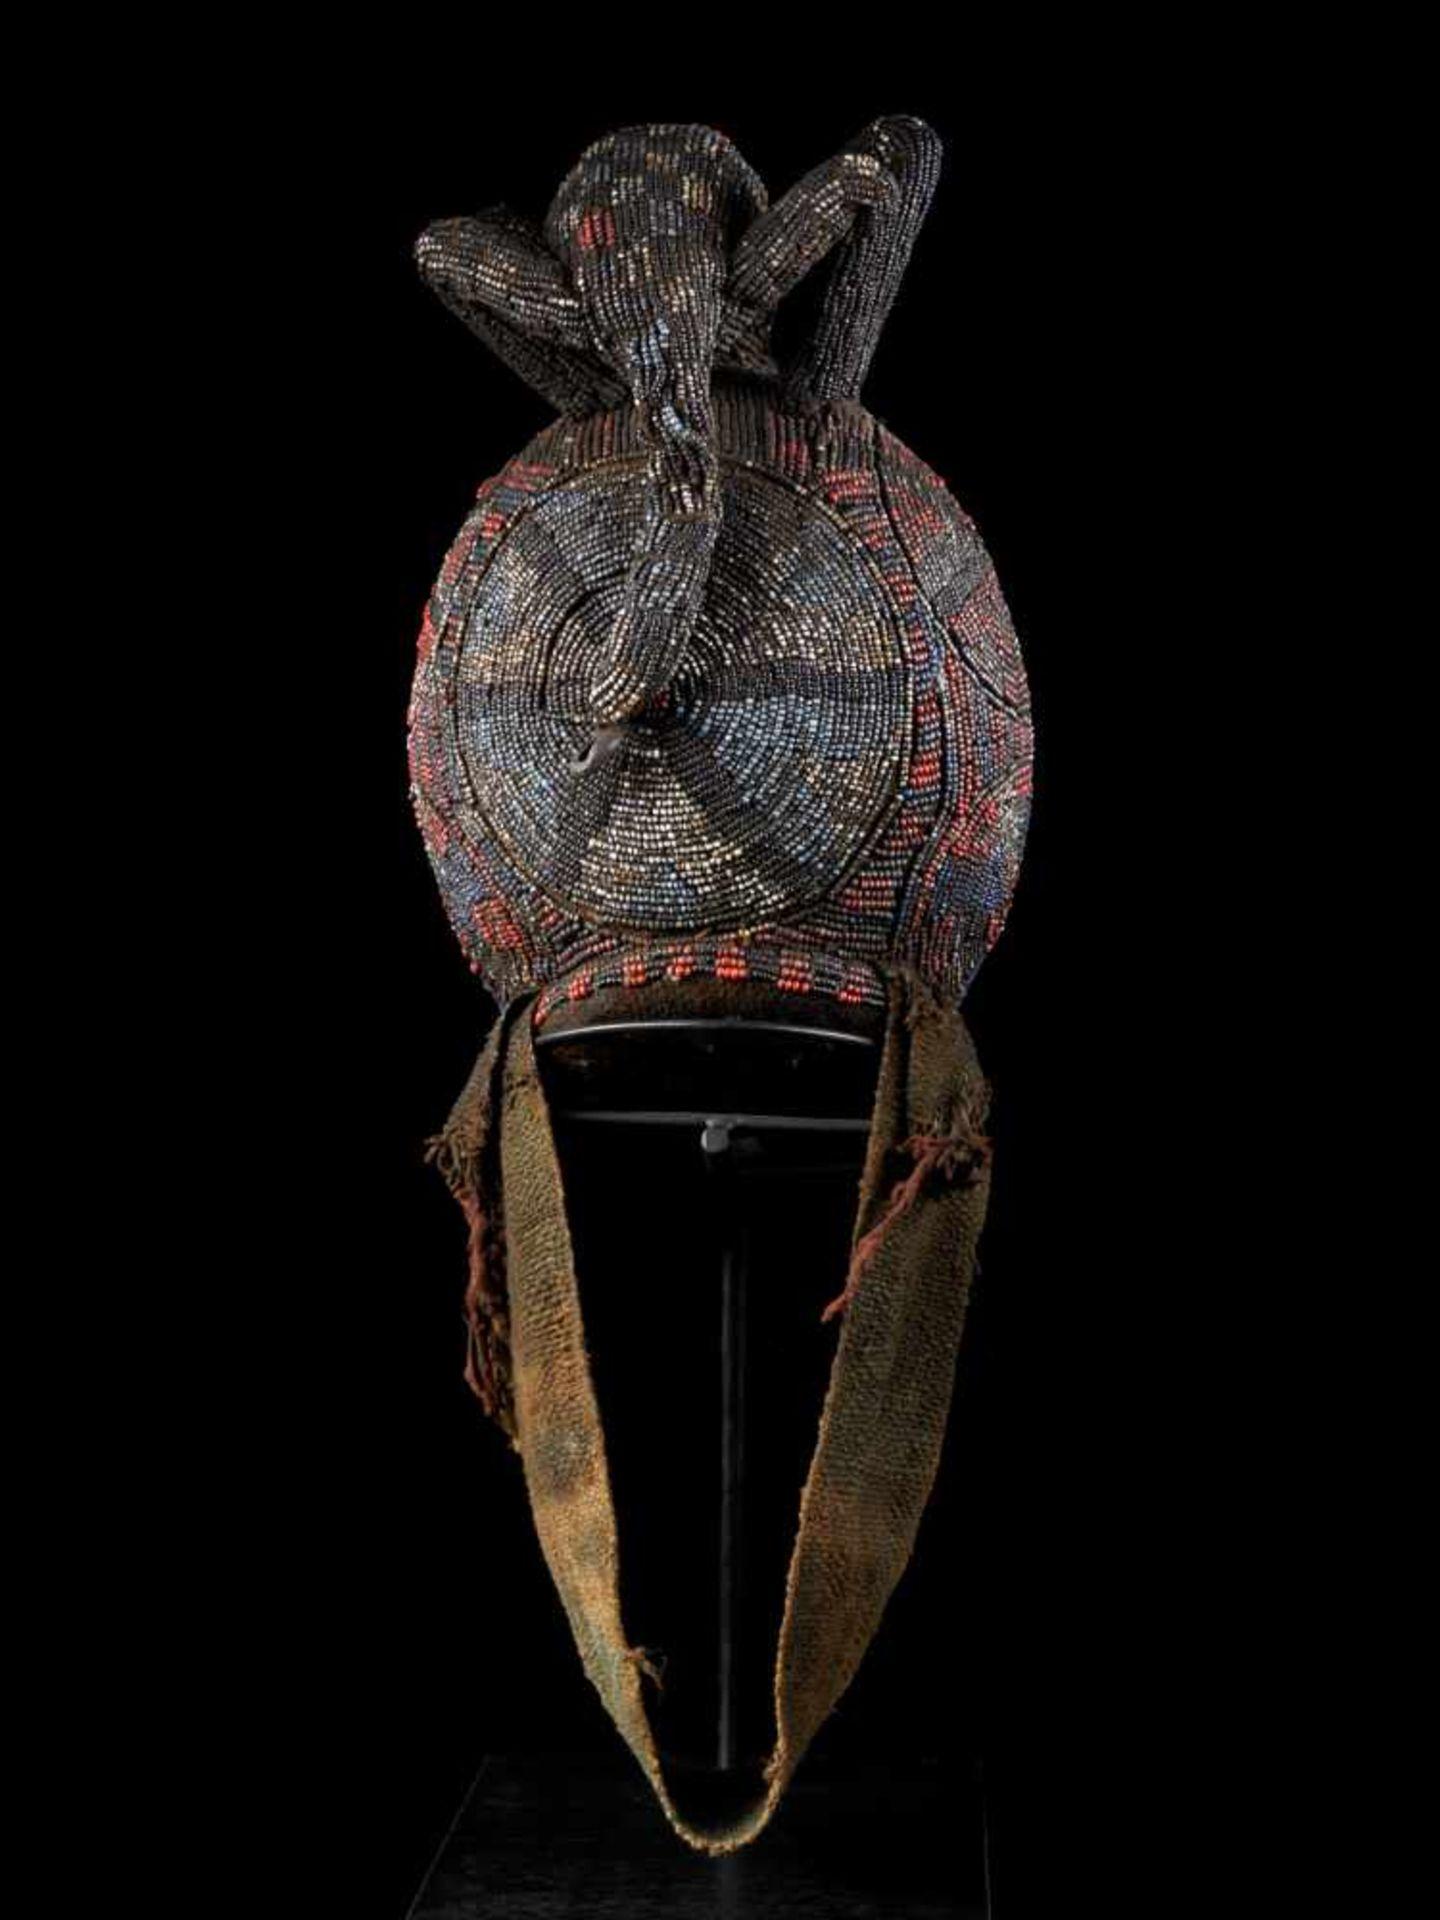 """Beaded Ceremonial Head """"Adwonzen"""" With Leopard Mount, Grassland People, Cameroon - Tribal - Bild 4 aus 5"""